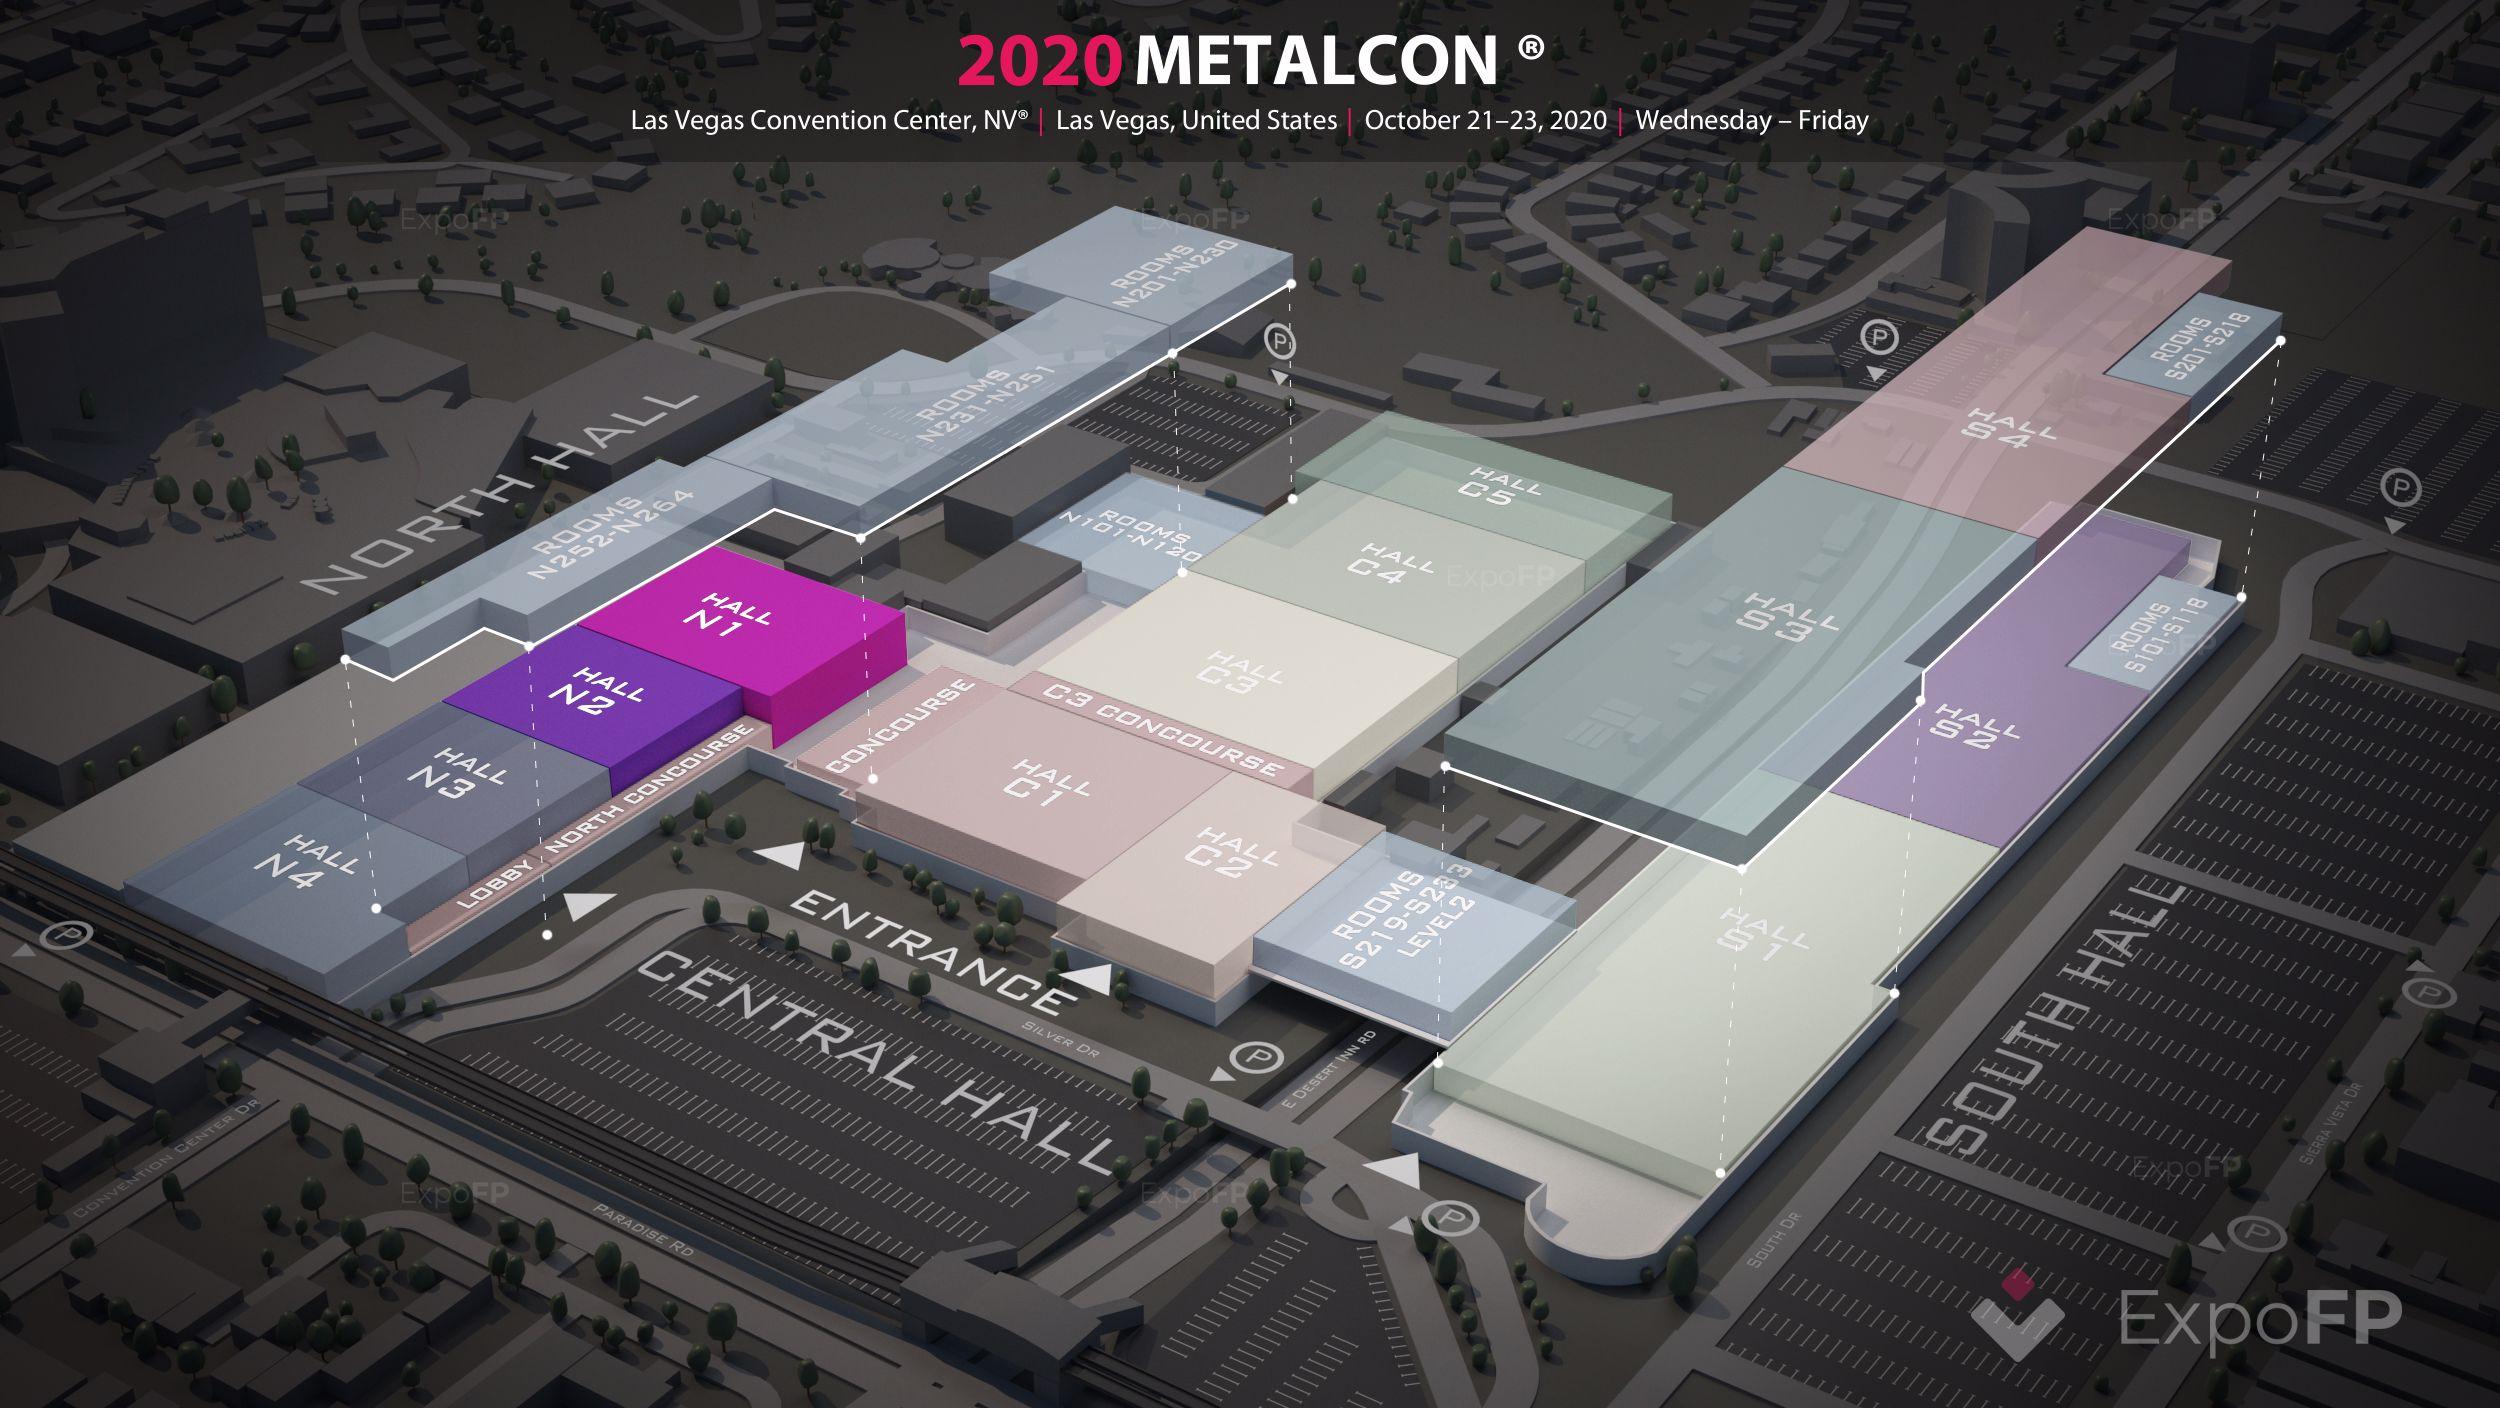 Metalcon 2020 3d floor plan